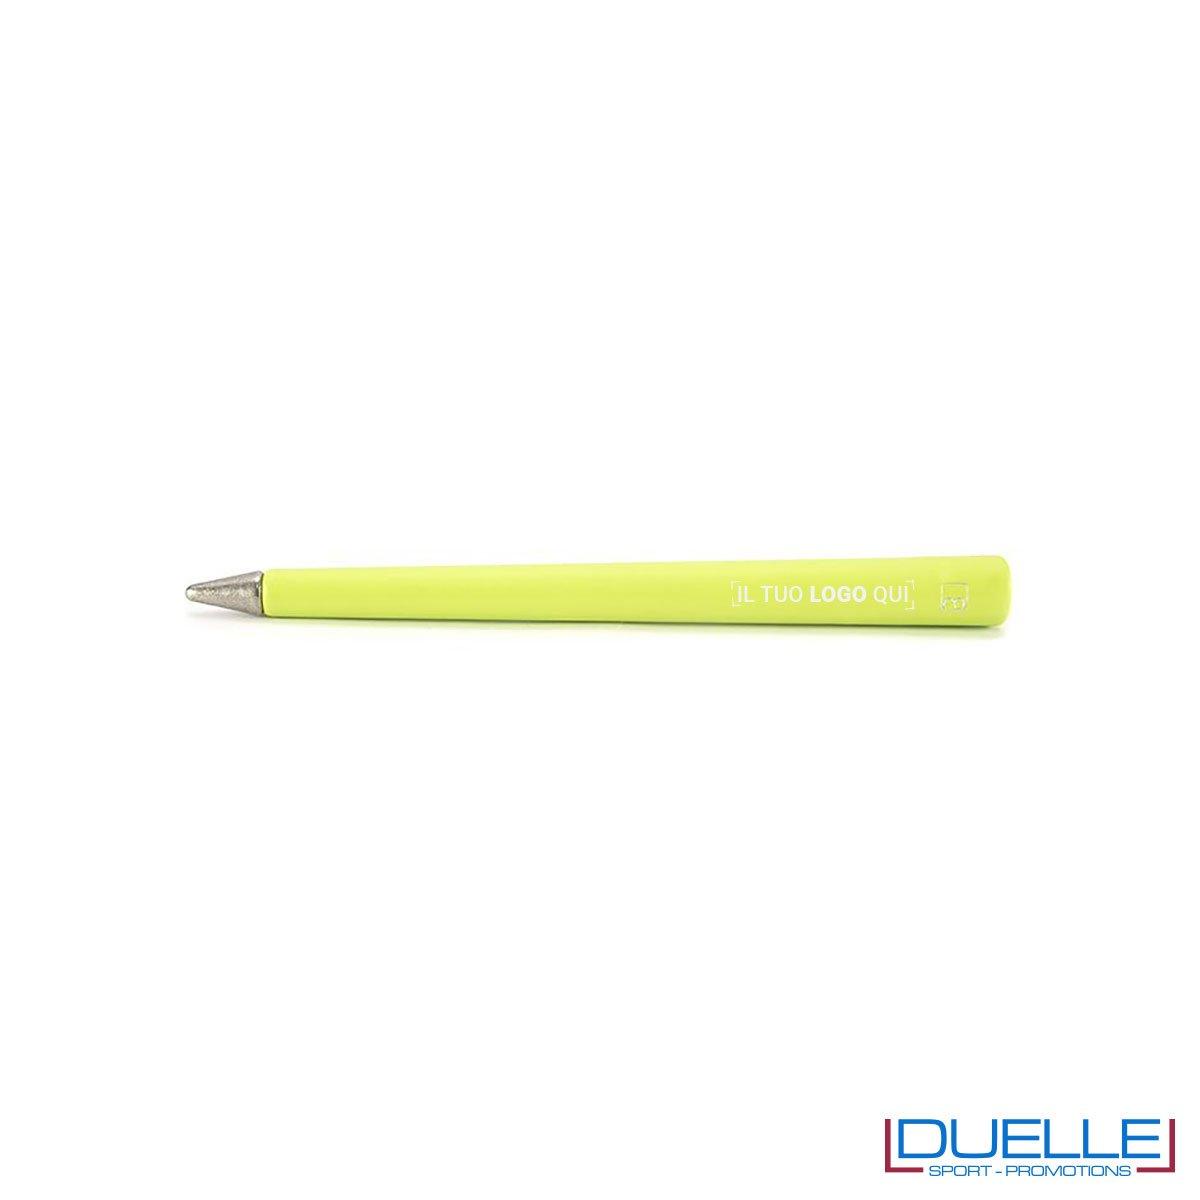 matita inifita personalizzata primina in colore verde, regali aziendali personalizzabili verdi